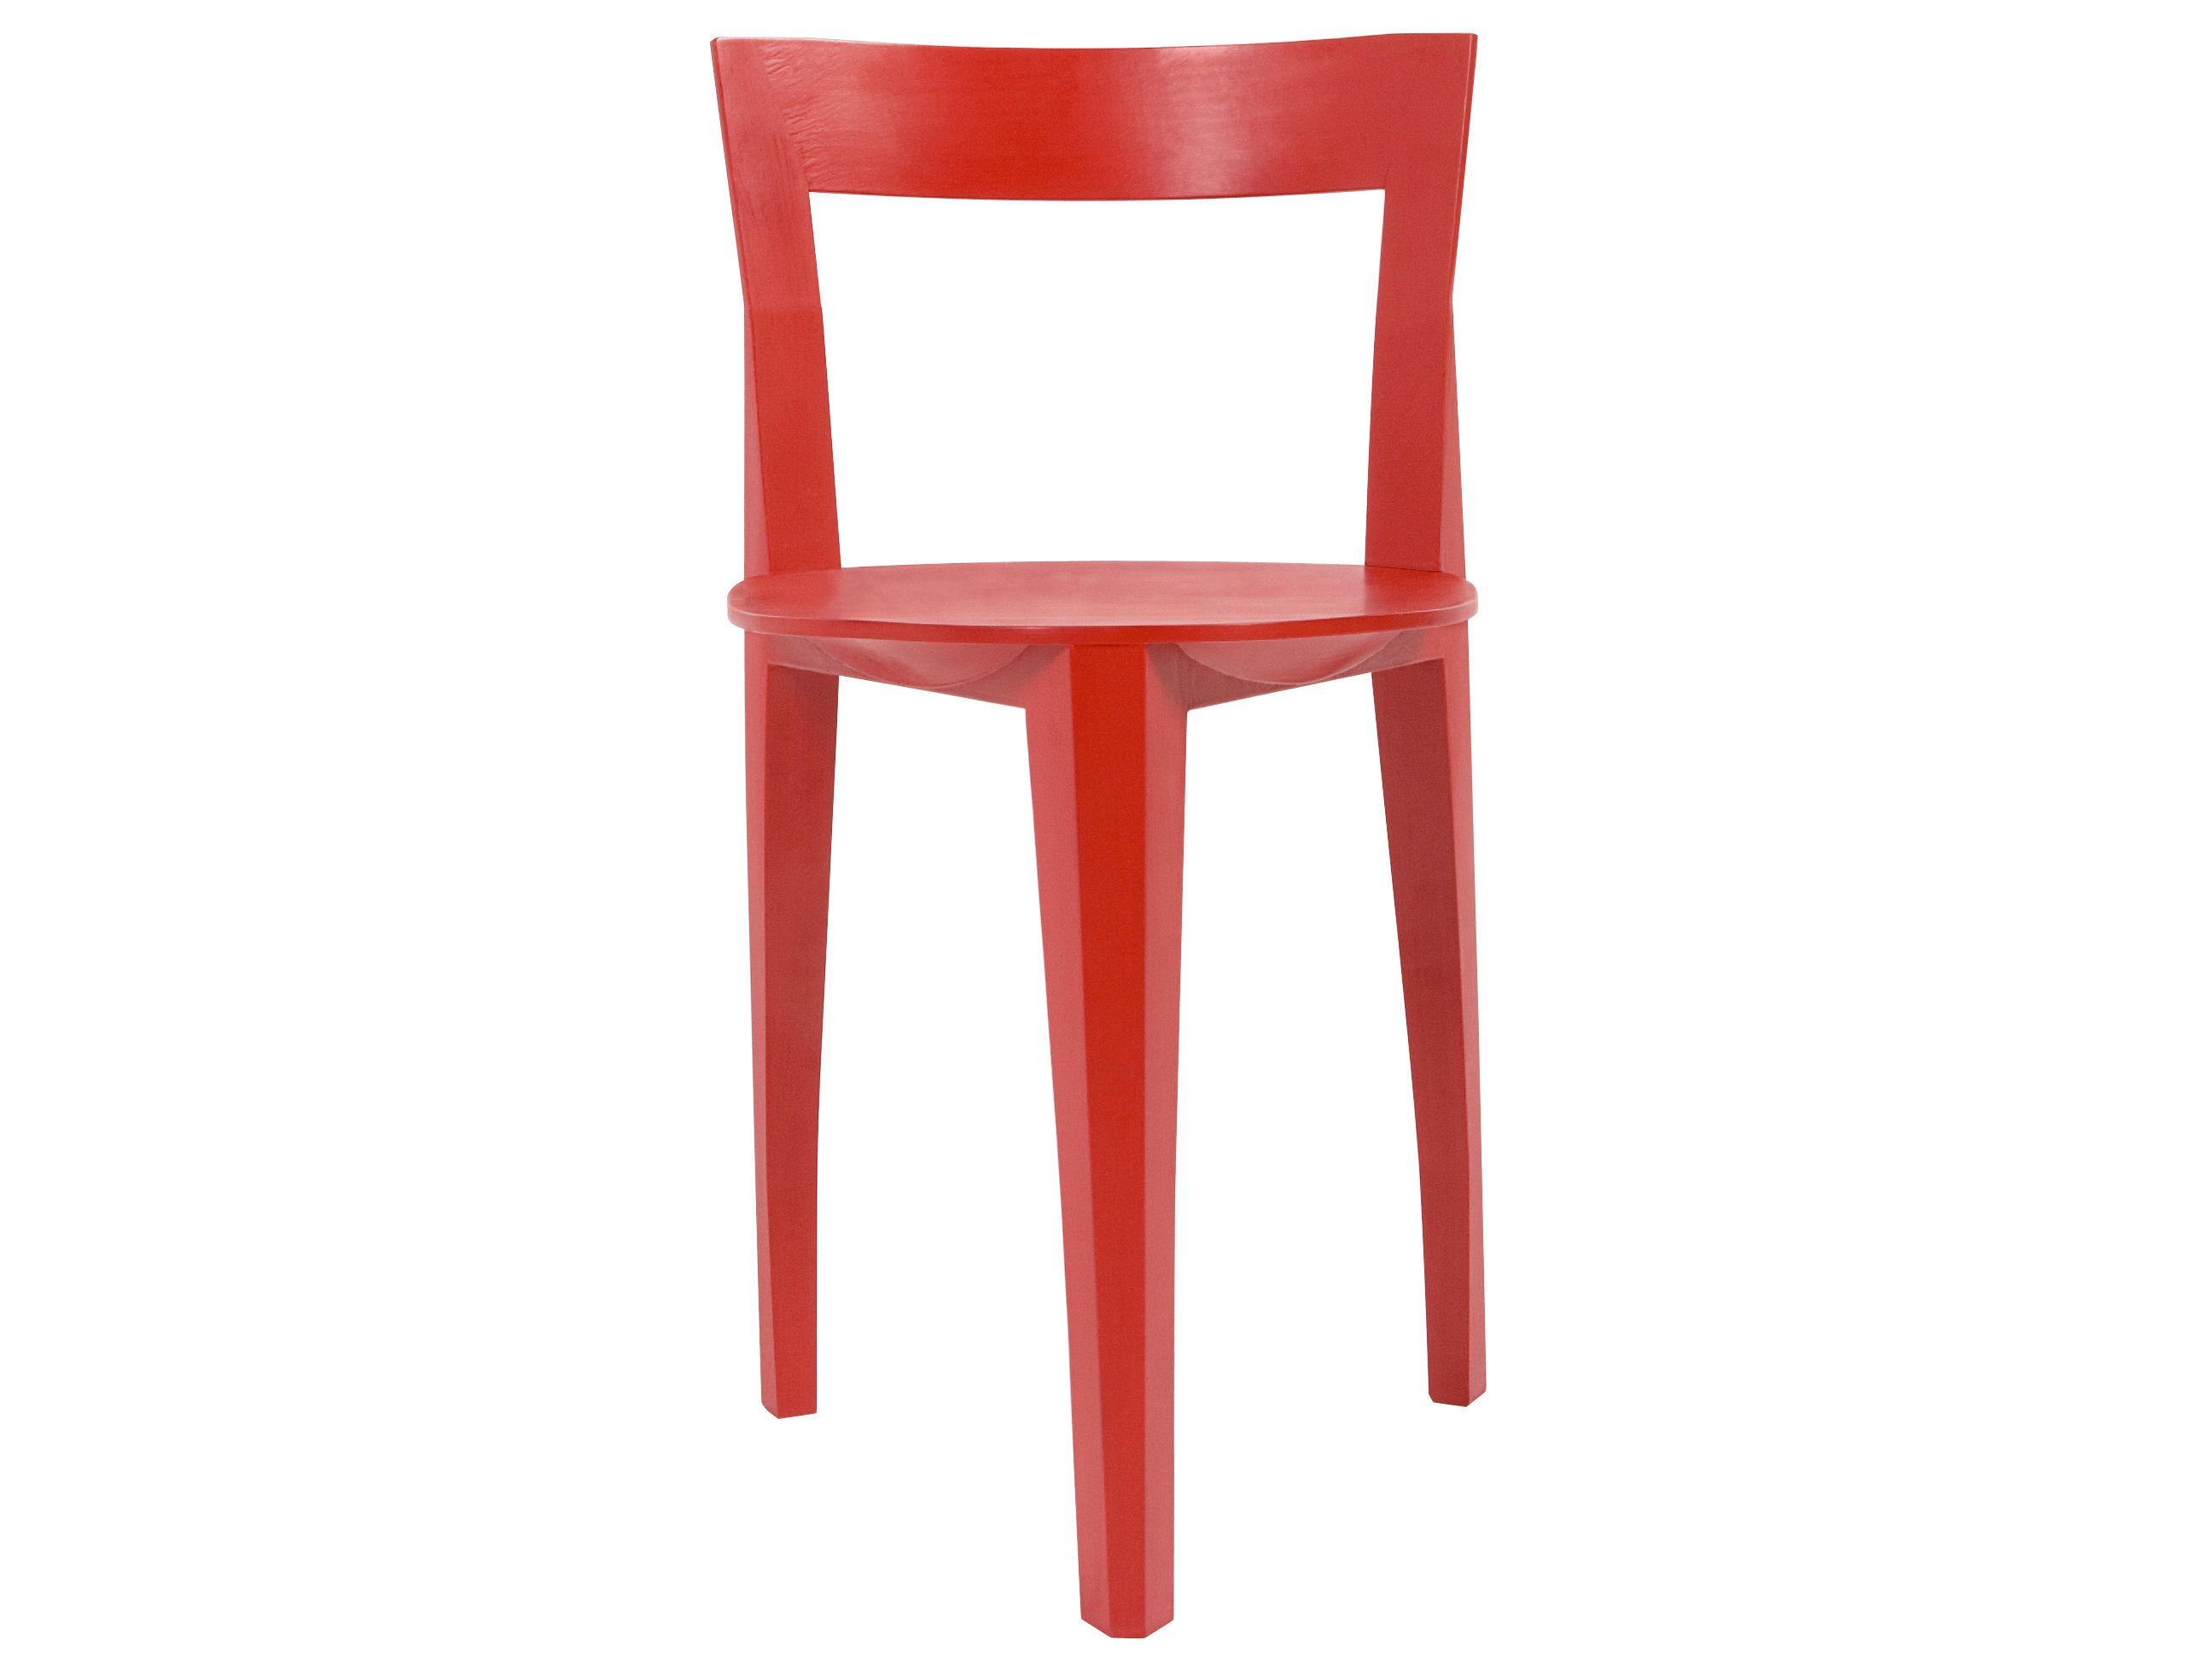 Möbel - Stühle  - Petite Gigue Stuhl - Moustache - Rot - lackierte Eiche